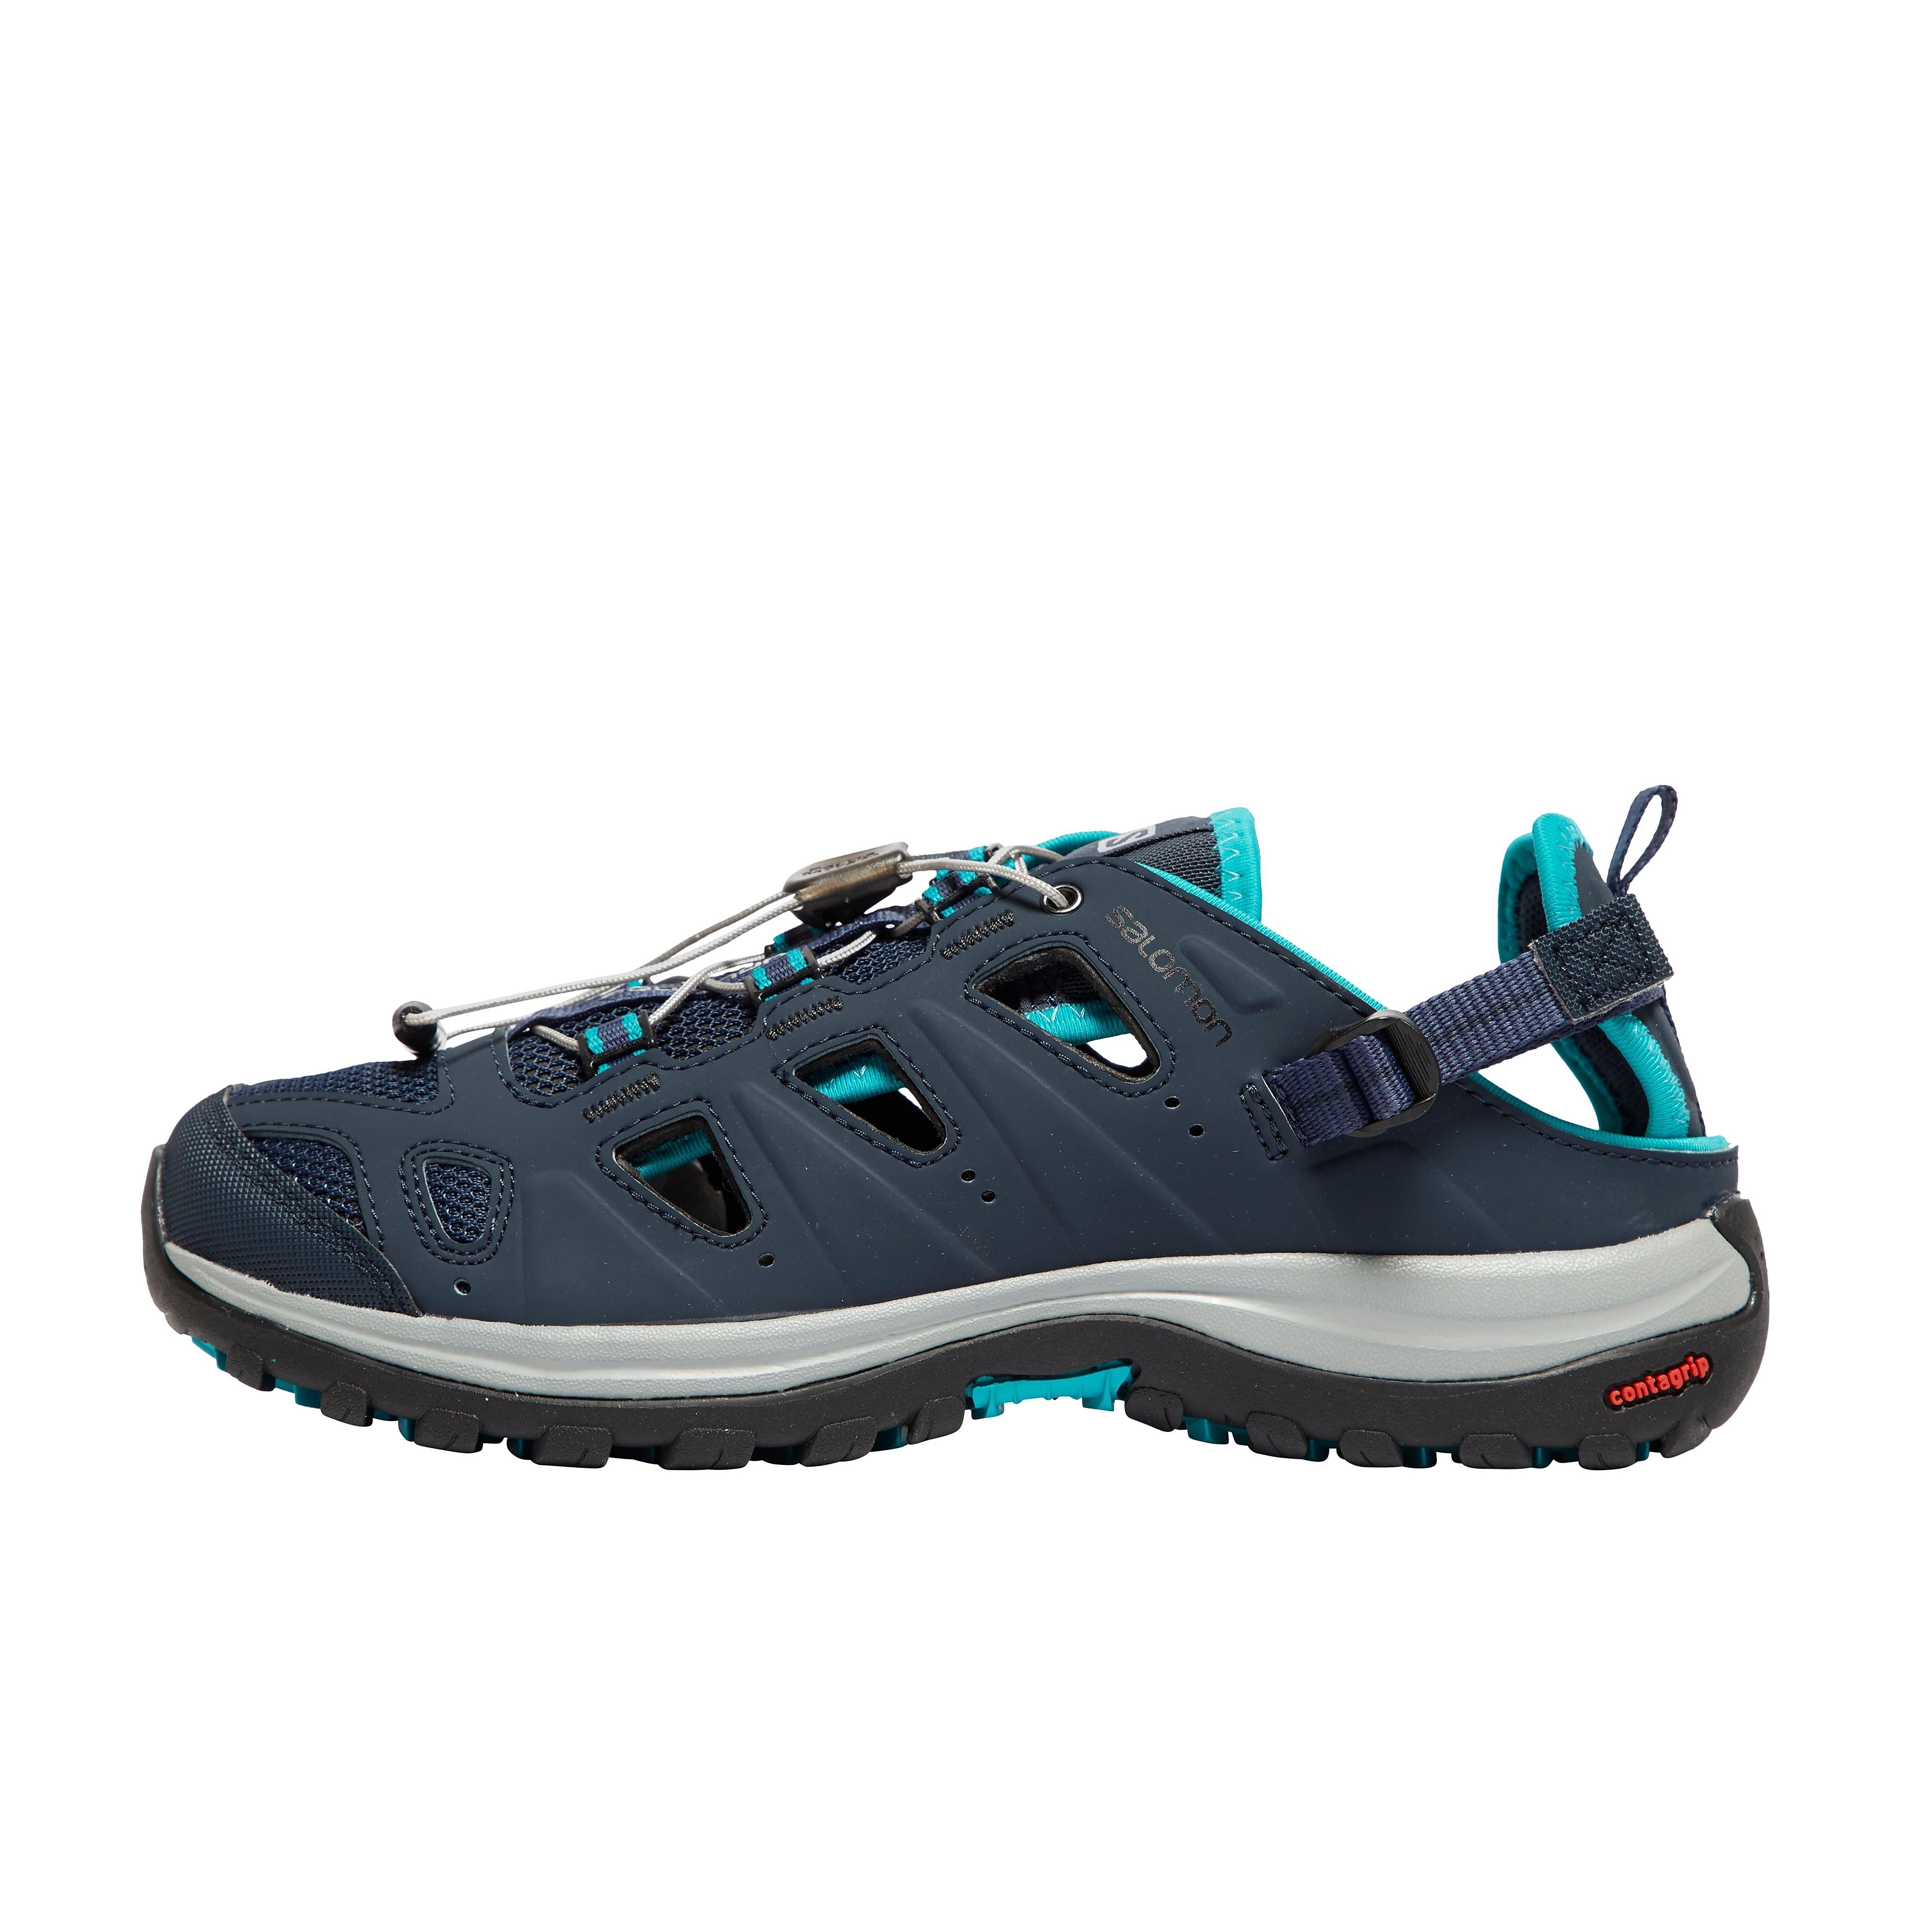 Salomon Ellipse Cabrio Women's Walking Sandals